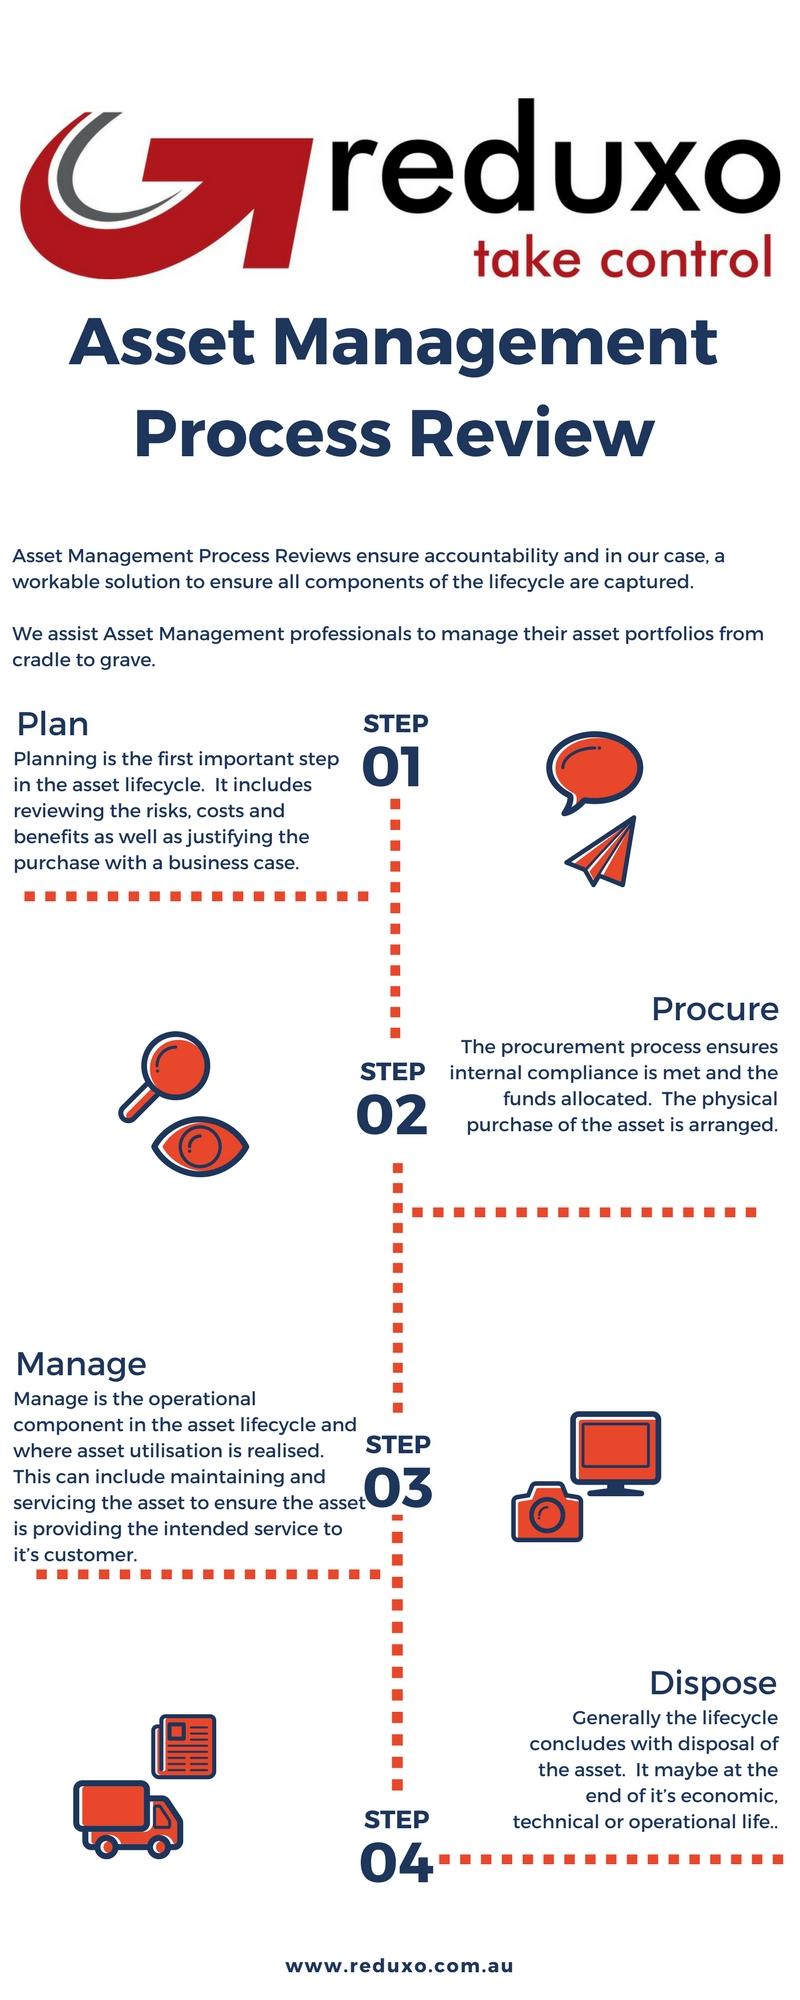 Reduxo Asset Management Process.jpg